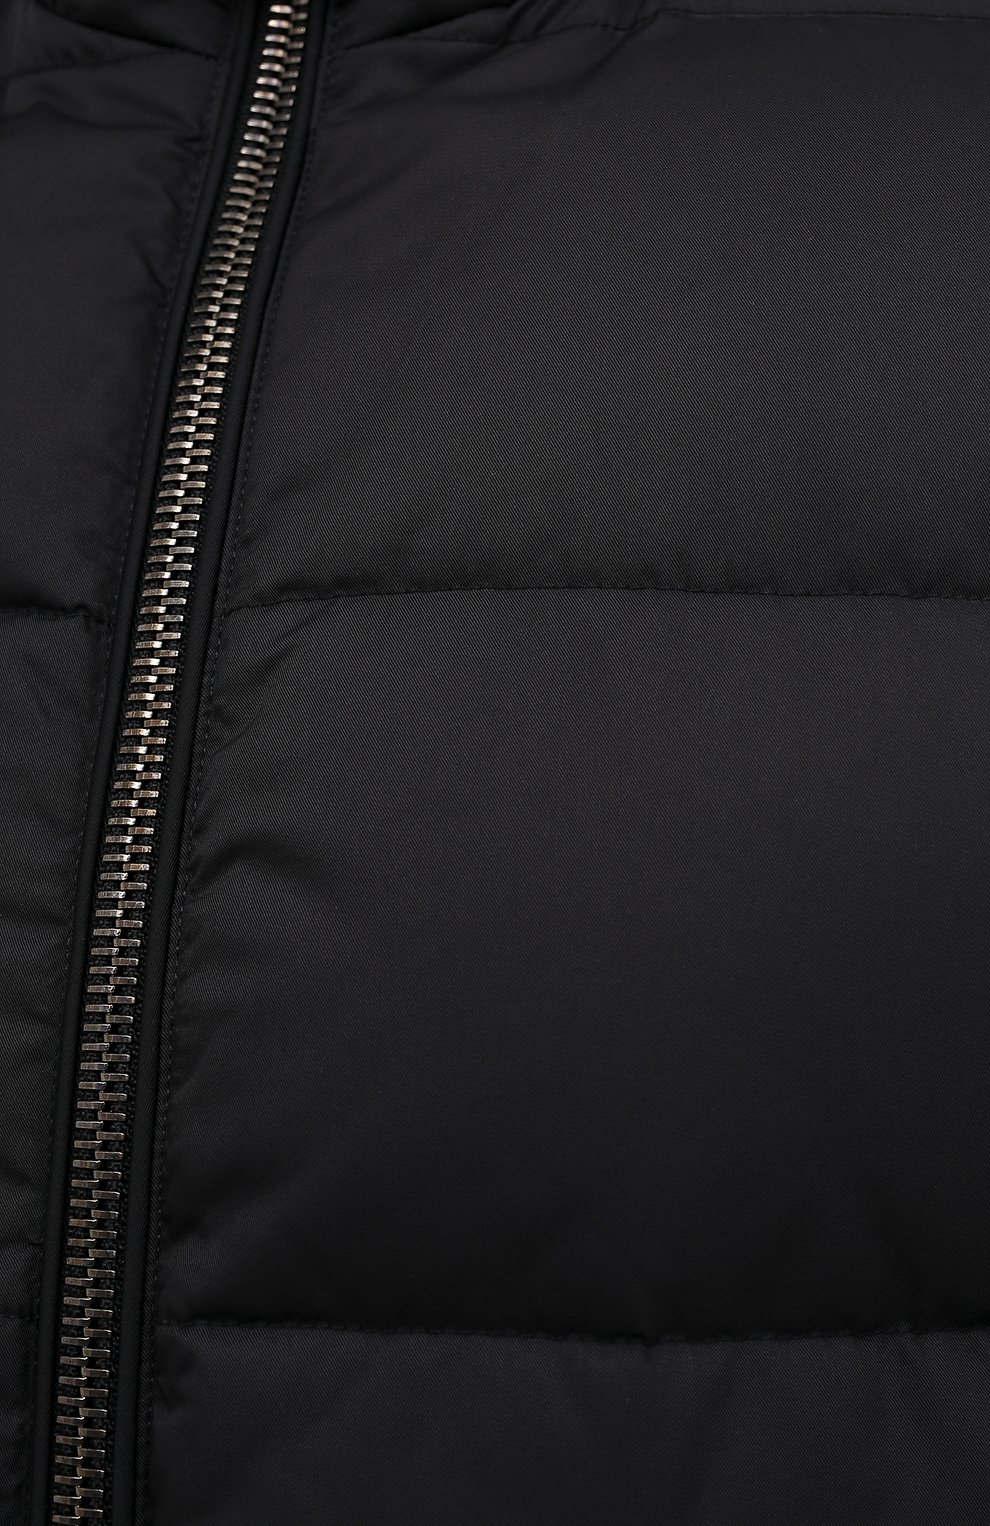 Мужской пуховый жилет fayer-wk MOORER черного цвета, арт. FAYER-WK/M0UGI100180-TEPA022 | Фото 5 (Кросс-КТ: Куртка, Пуховик; Материал внешний: Синтетический материал; Материал подклада: Синтетический материал; Длина (верхняя одежда): Короткие; Материал утеплителя: Пух и перо; Стили: Кэжуэл)